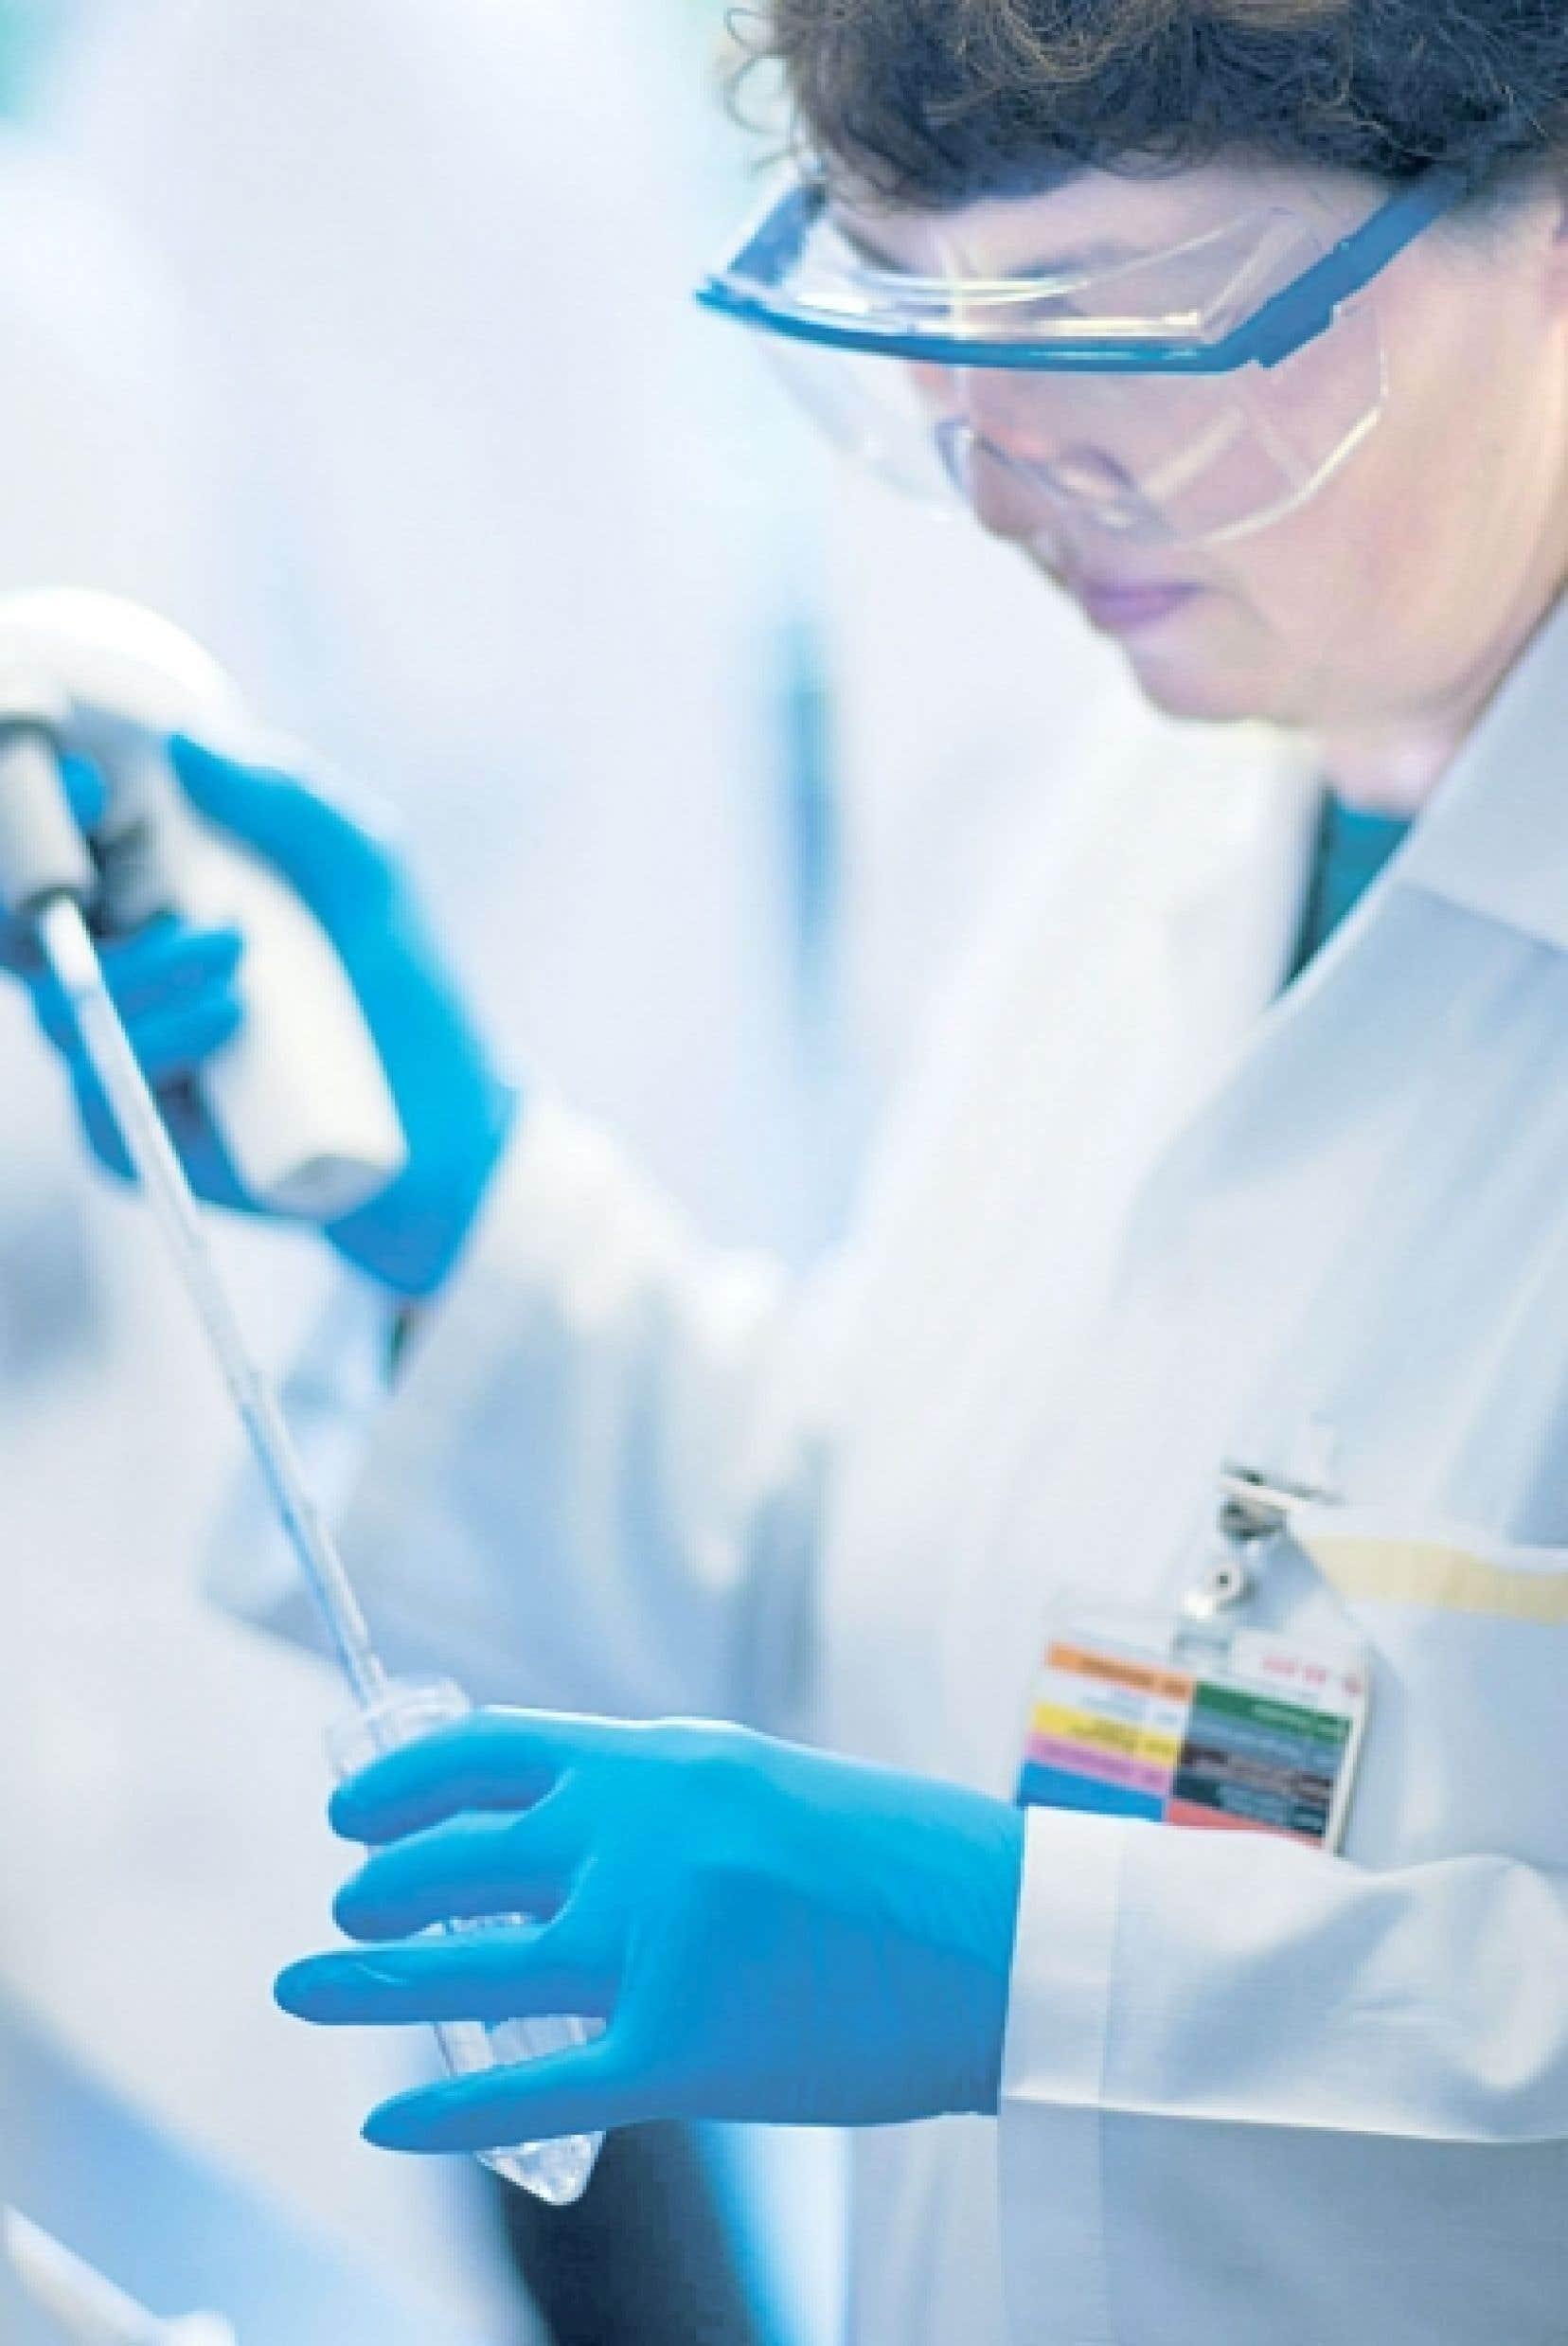 Les chercheurs de l'Institut de recherches cliniques de Montréal excellent en recherche fondamentale, secteur qui demeure à l'avant-scène de l'innovation.